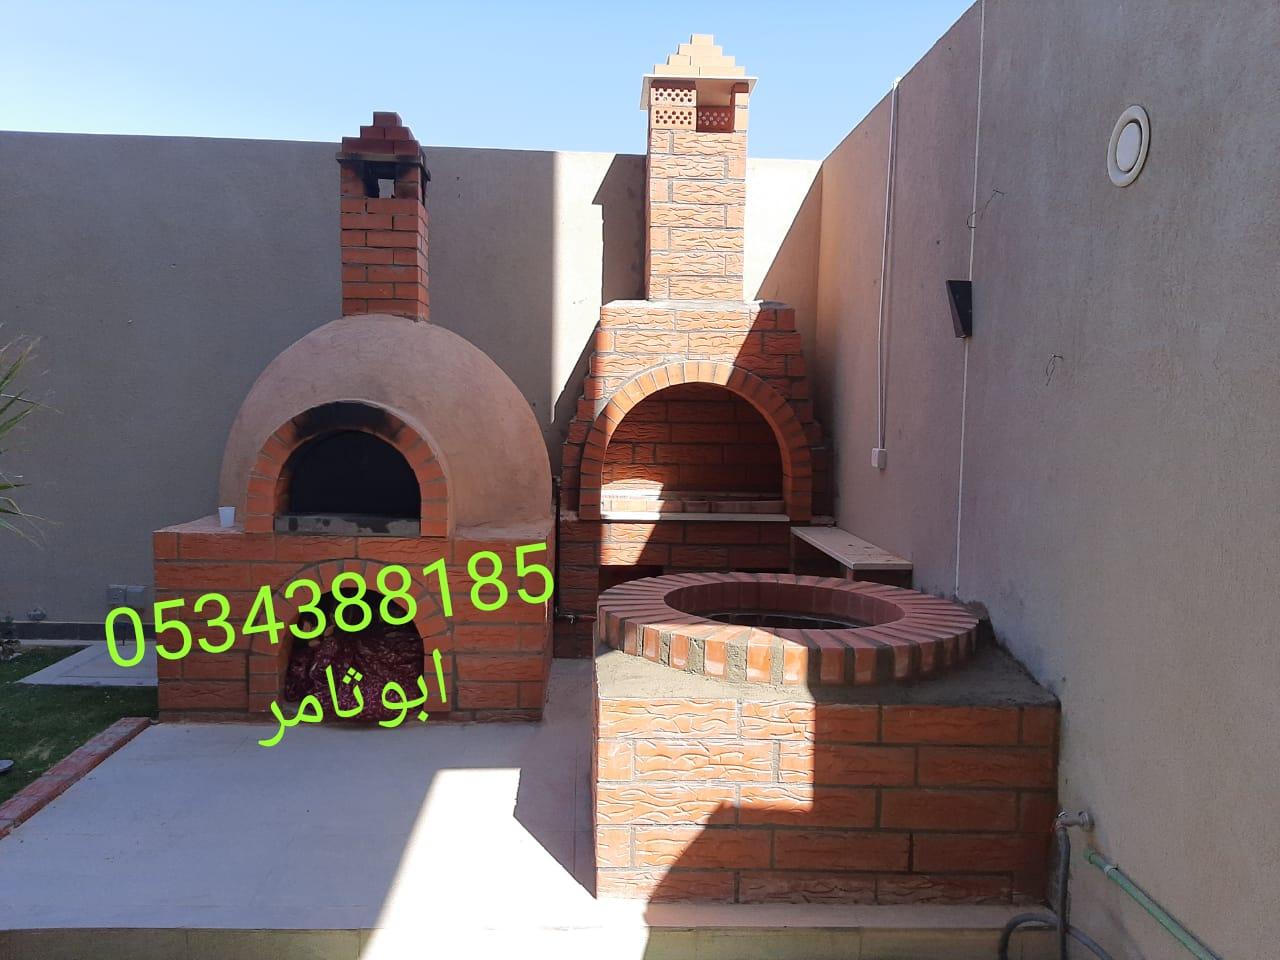 بناء افران , افران معجنات , افران طوب حجري فرن حجري من الطوب الأحمر  افران 0534388185